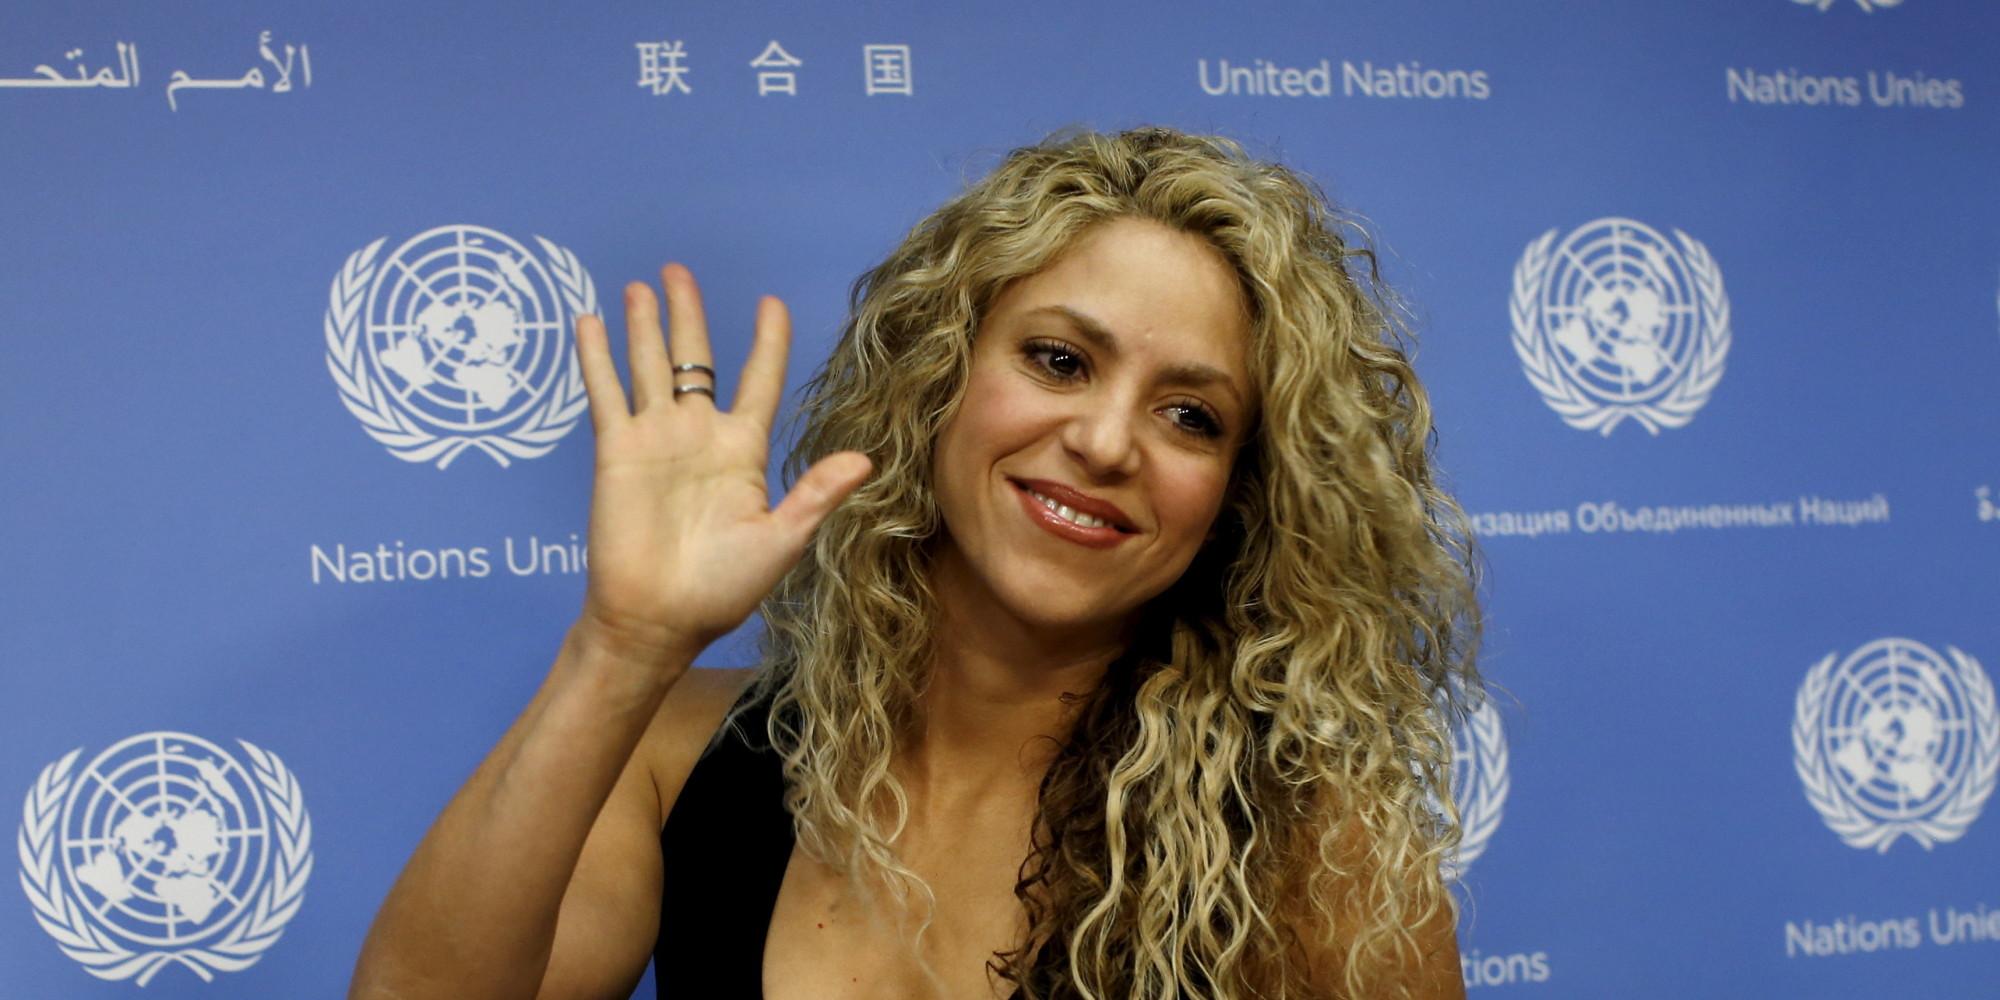 Shakira Uberrascht Mit Roten Haaren Die Sangerin Hat Sich Einer